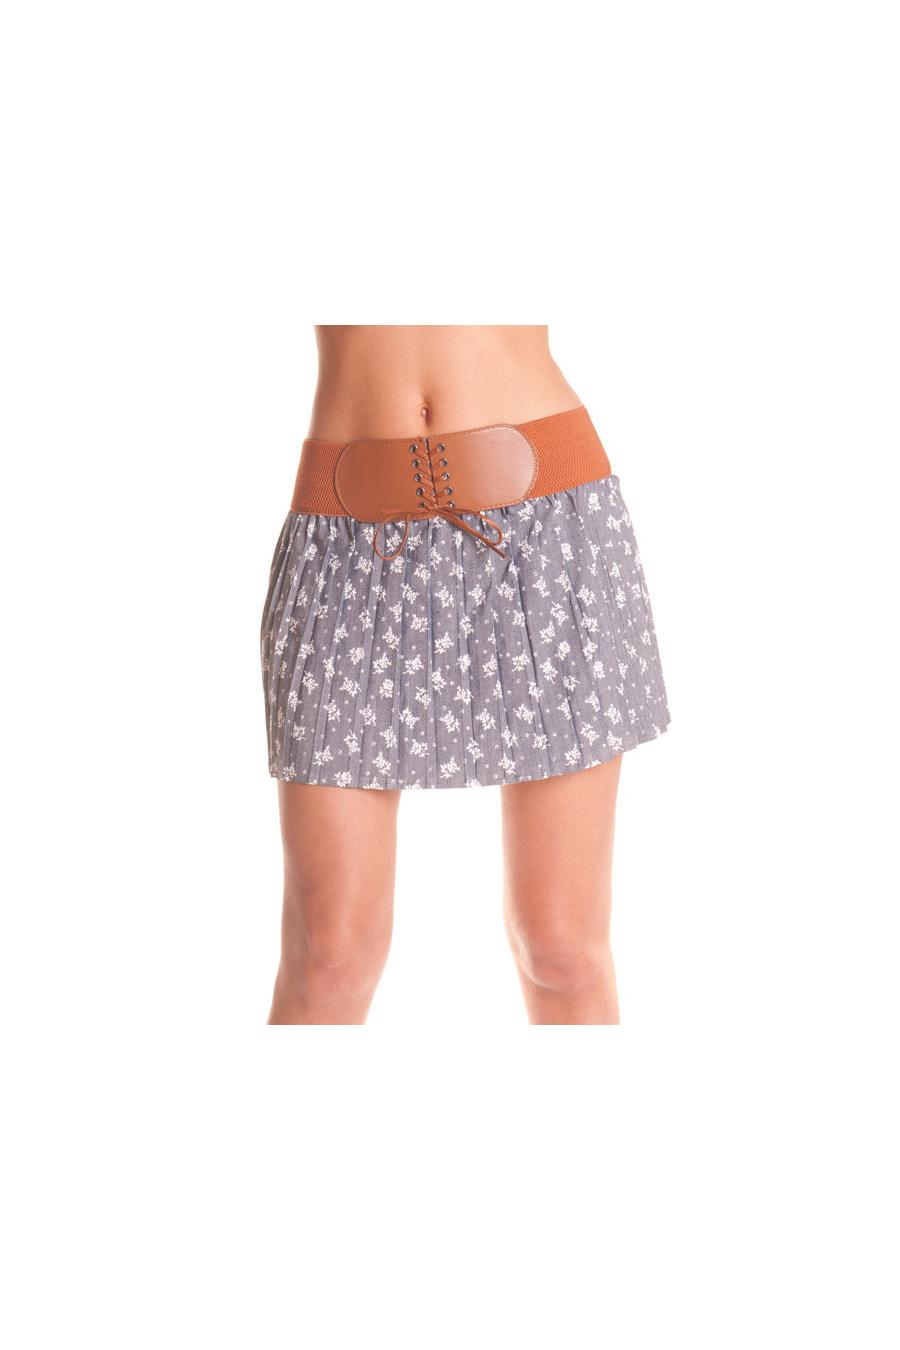 Jupe Courte plissé avec ceinture intégré. Mode femme pas cher